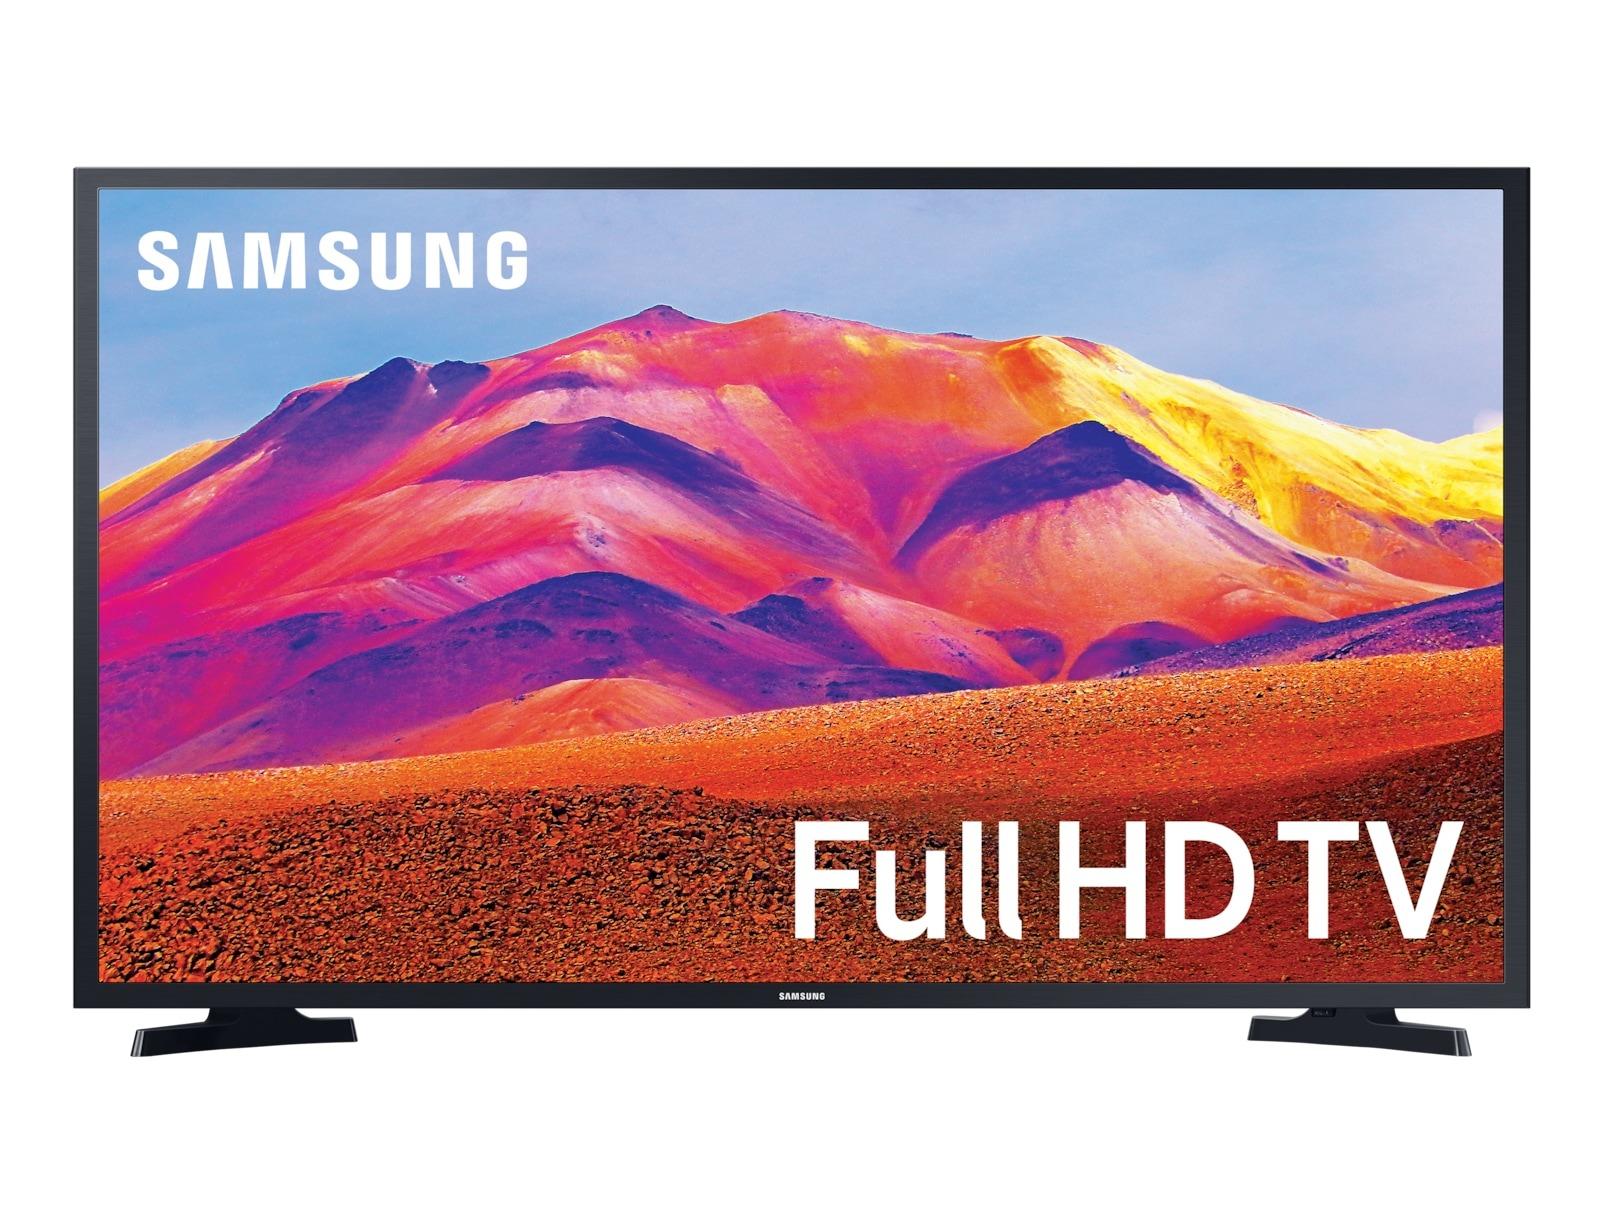 Op Perfect LCD is alles over televisie te vinden: waaronder expert en specifiek Samsung UE32T5300AW 32 inch LED TV